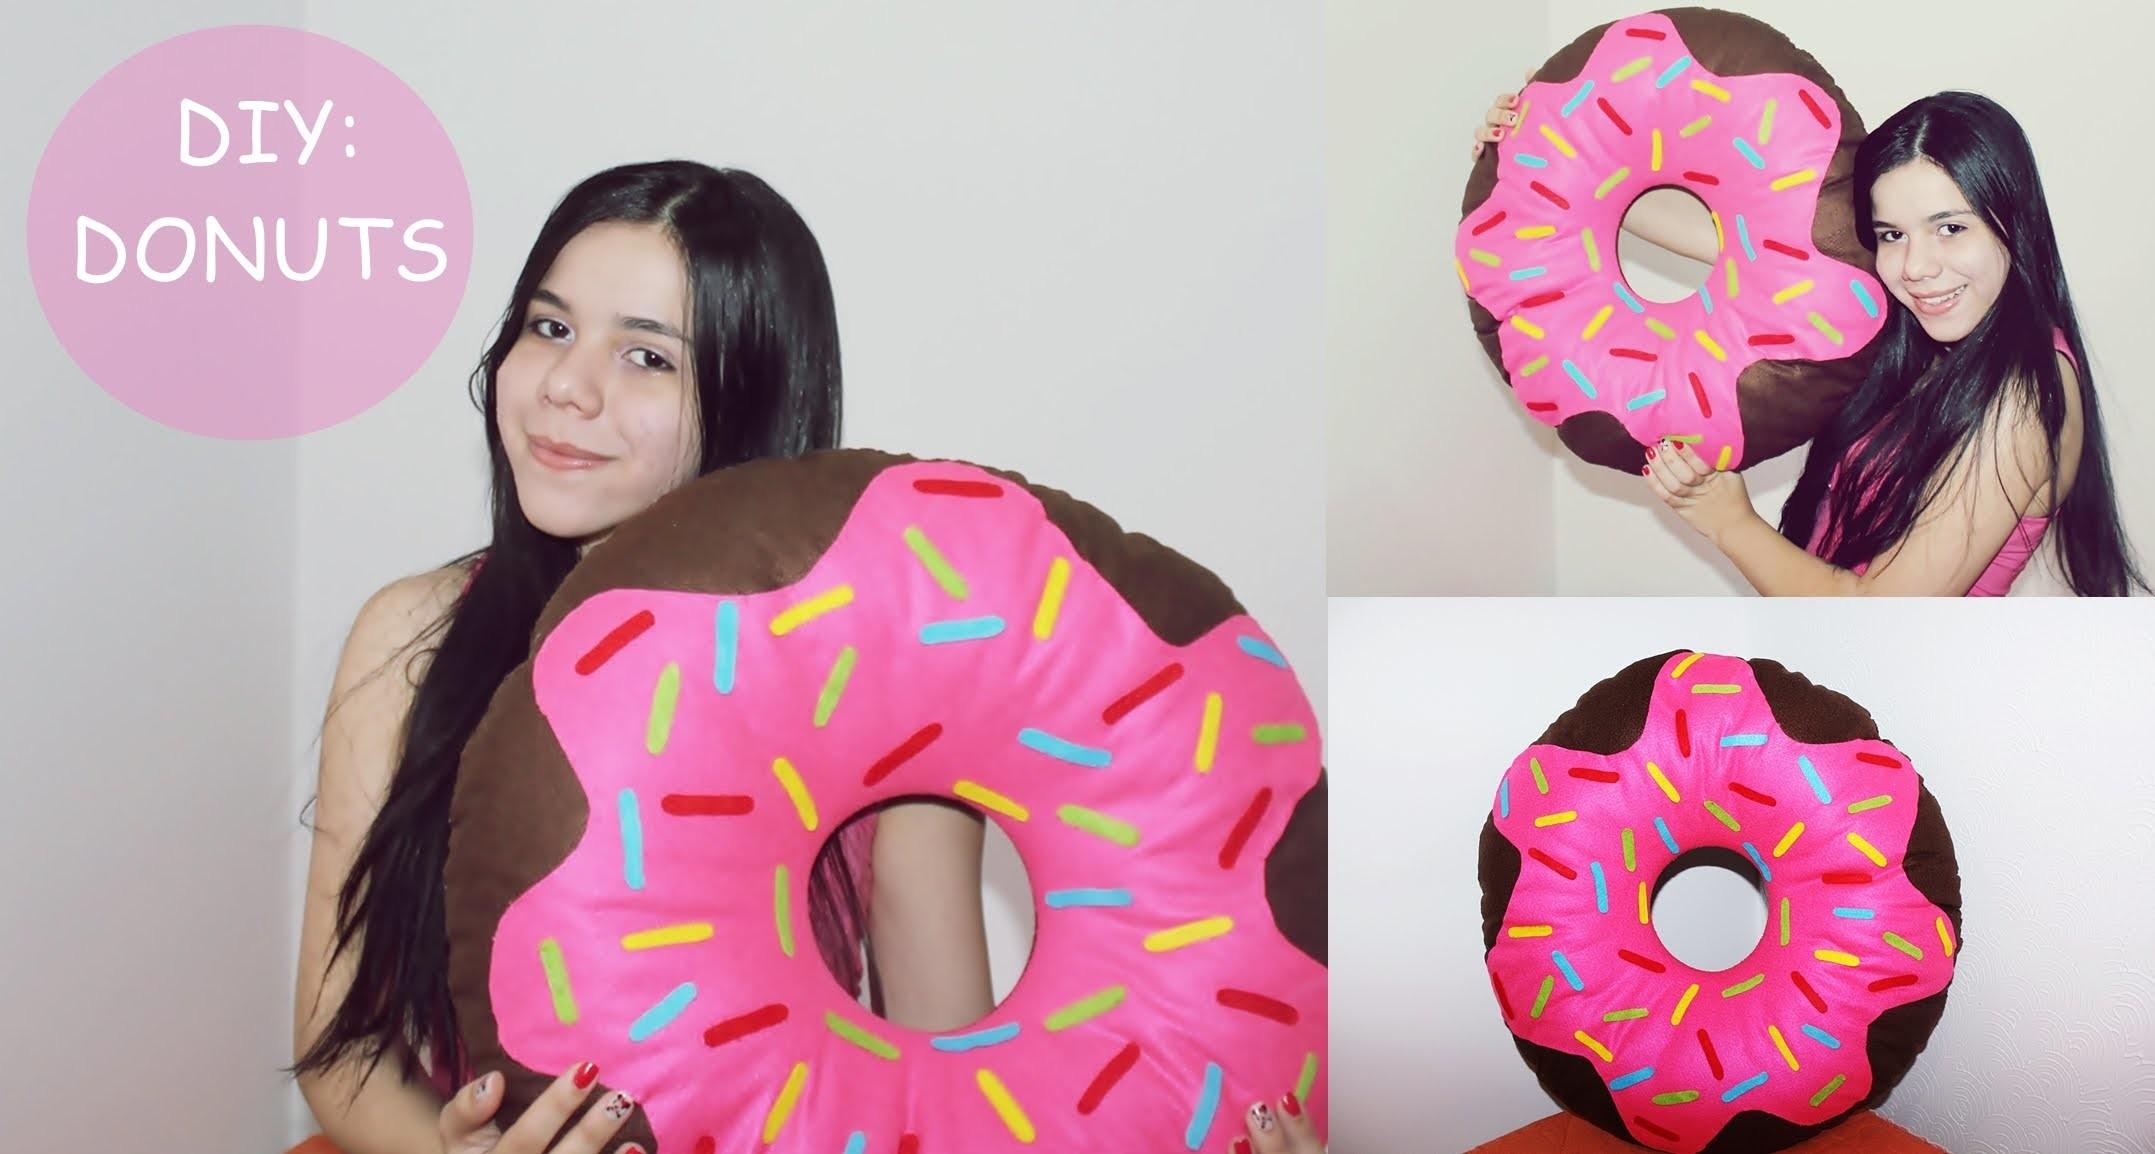 DIY Almofada de Donuts - Faça Você Mesma